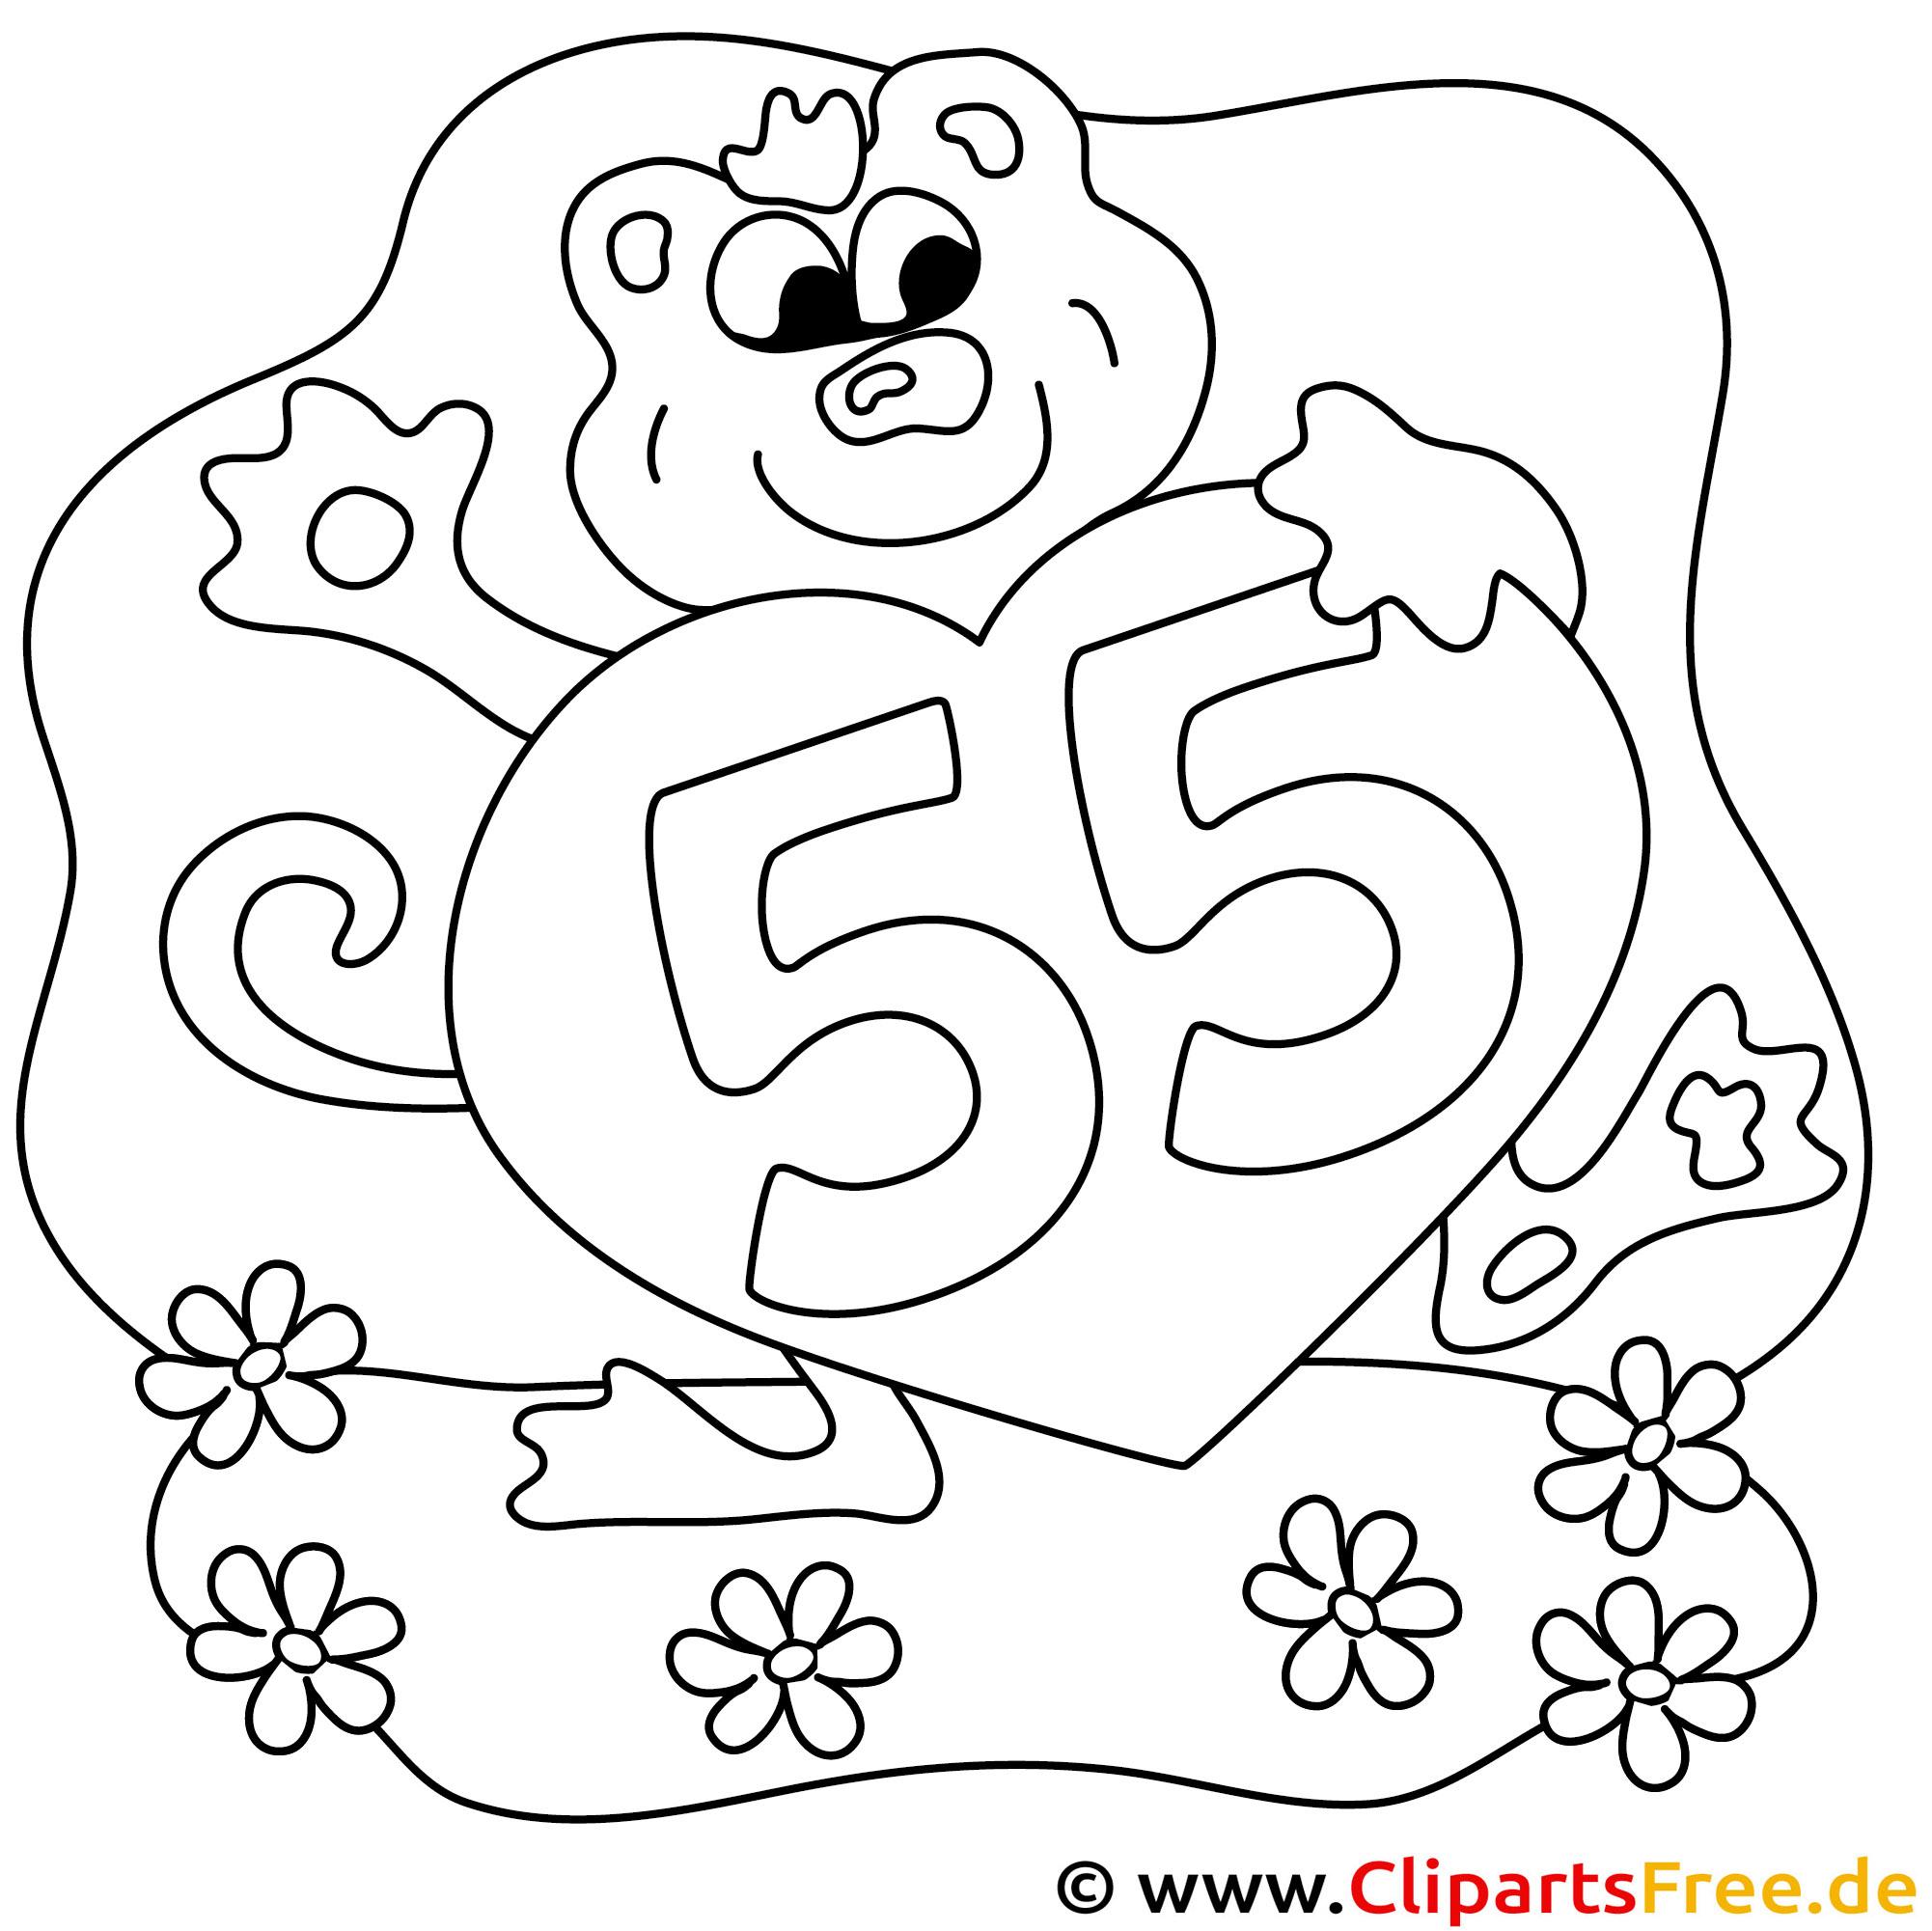 Malvorlage zum 55. Geburtstag